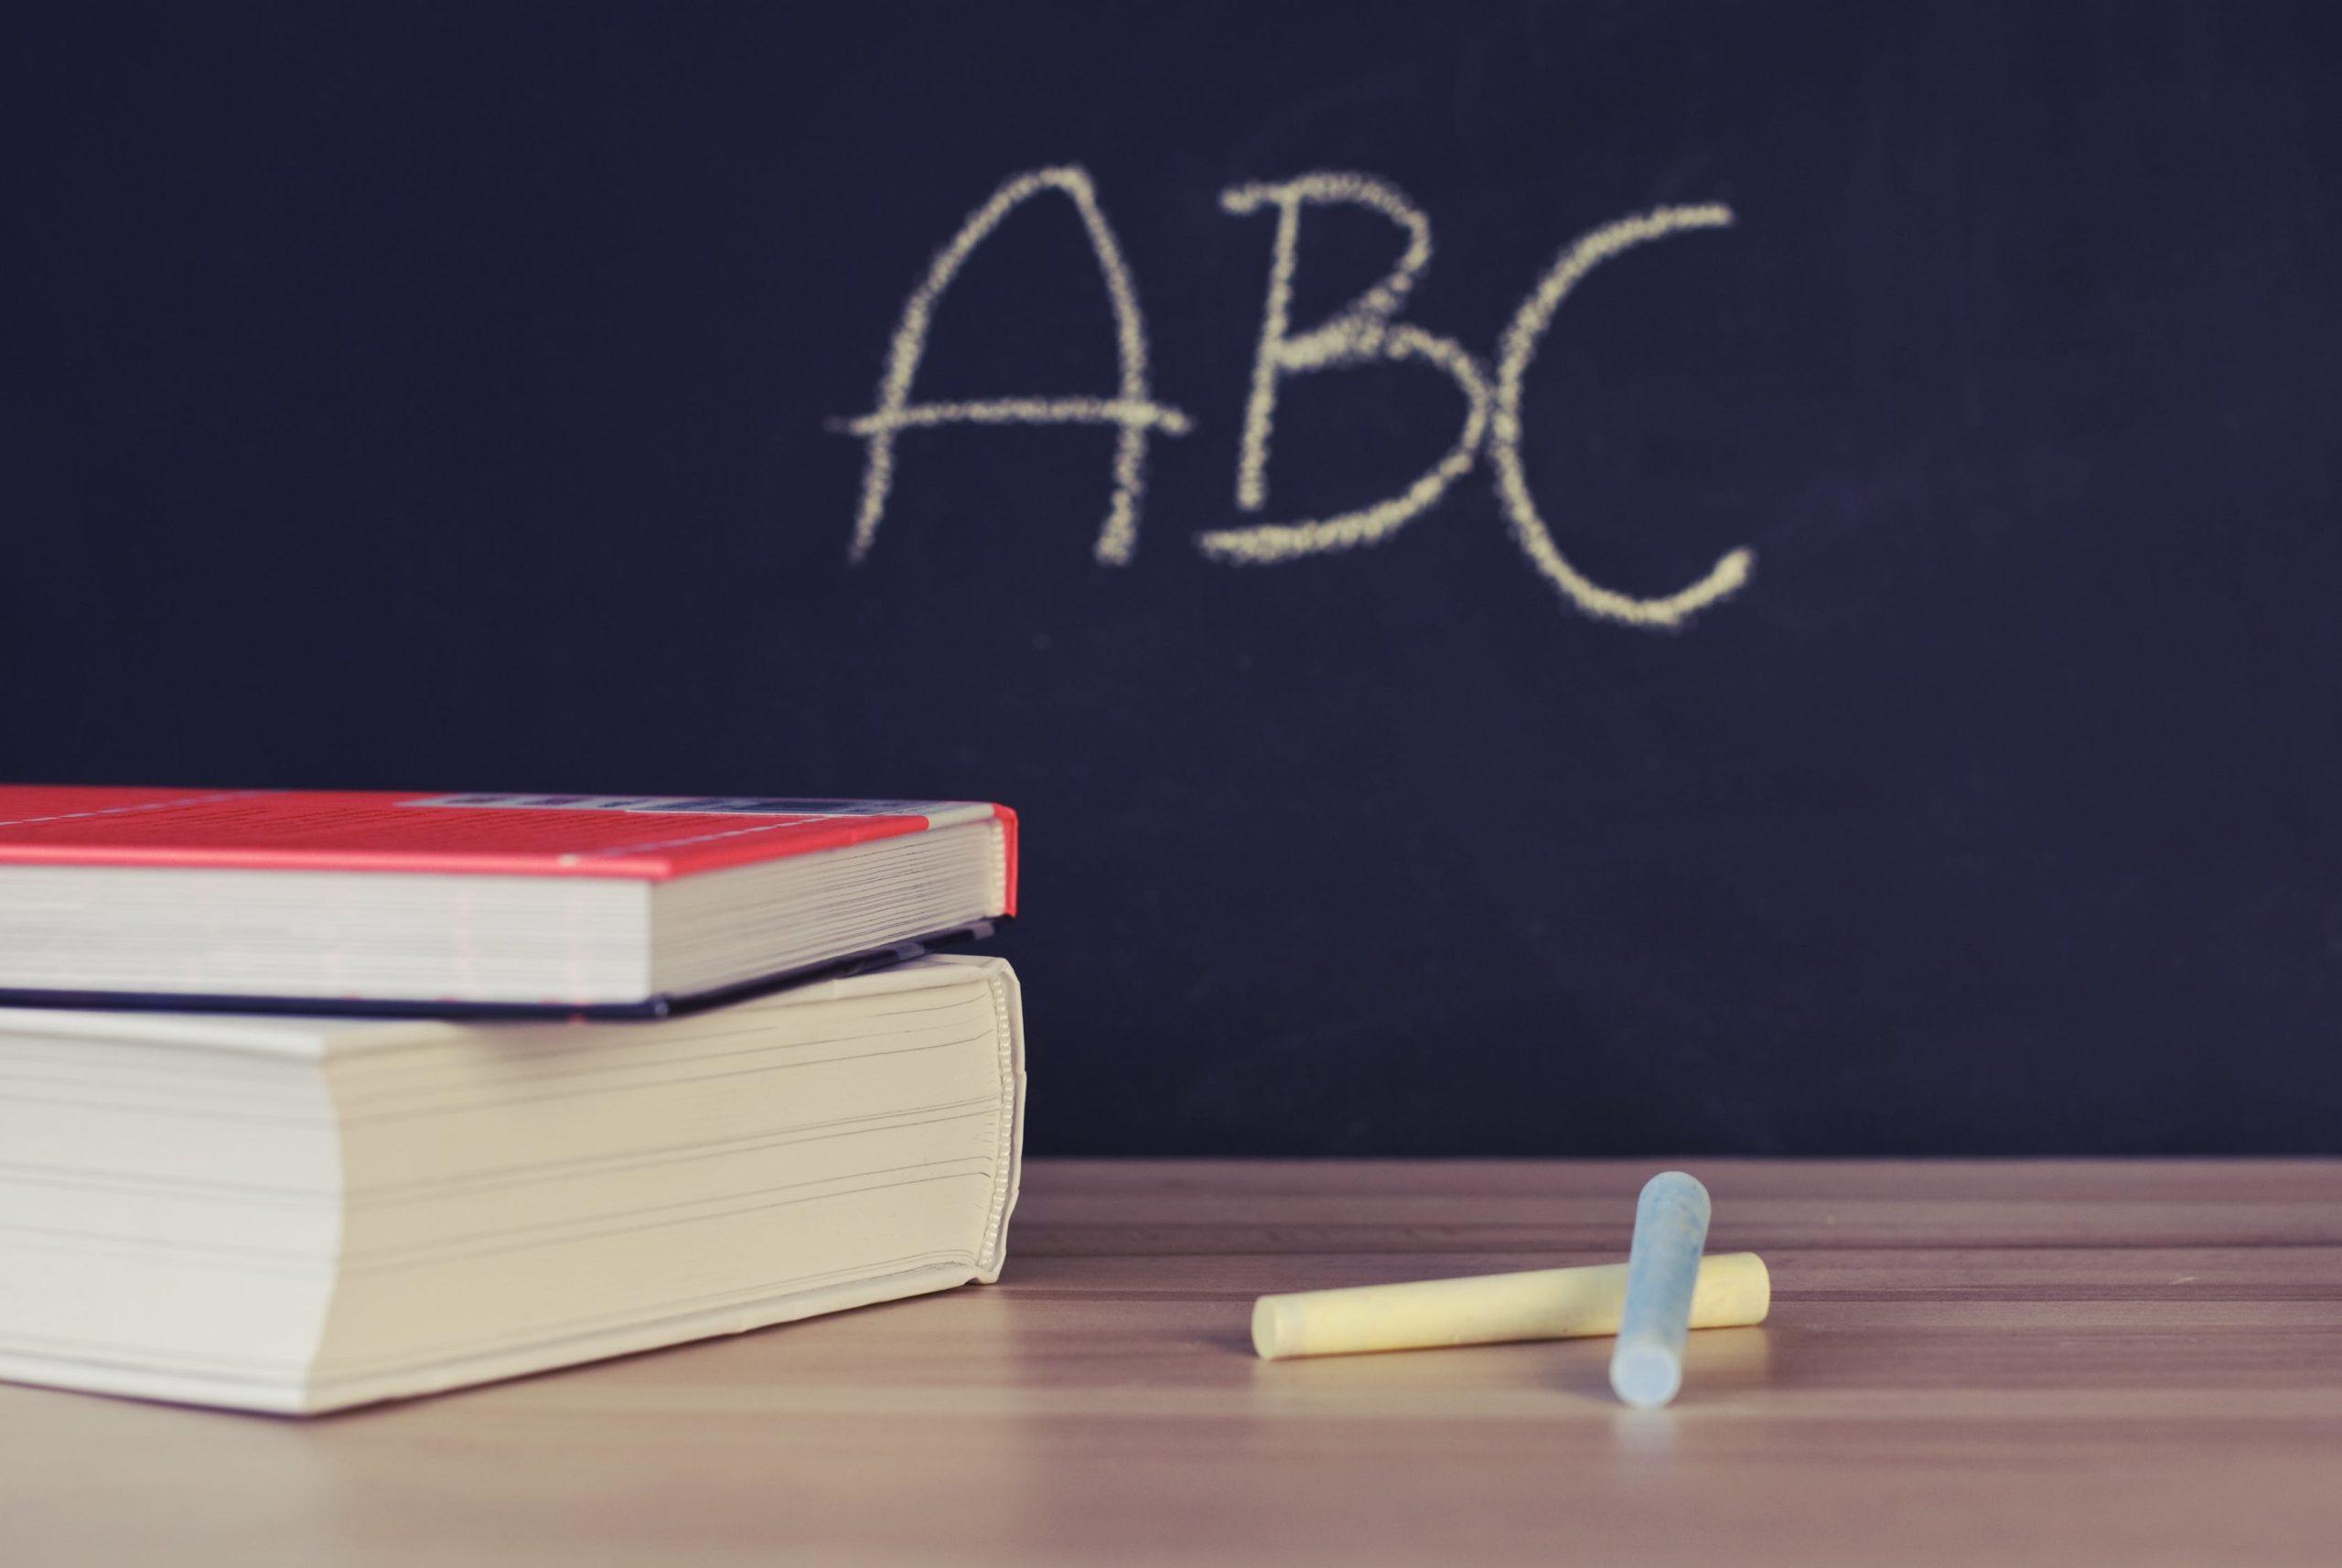 ABC steht an einer Schultafel - ein Symbol für die edusiia-Anleitung